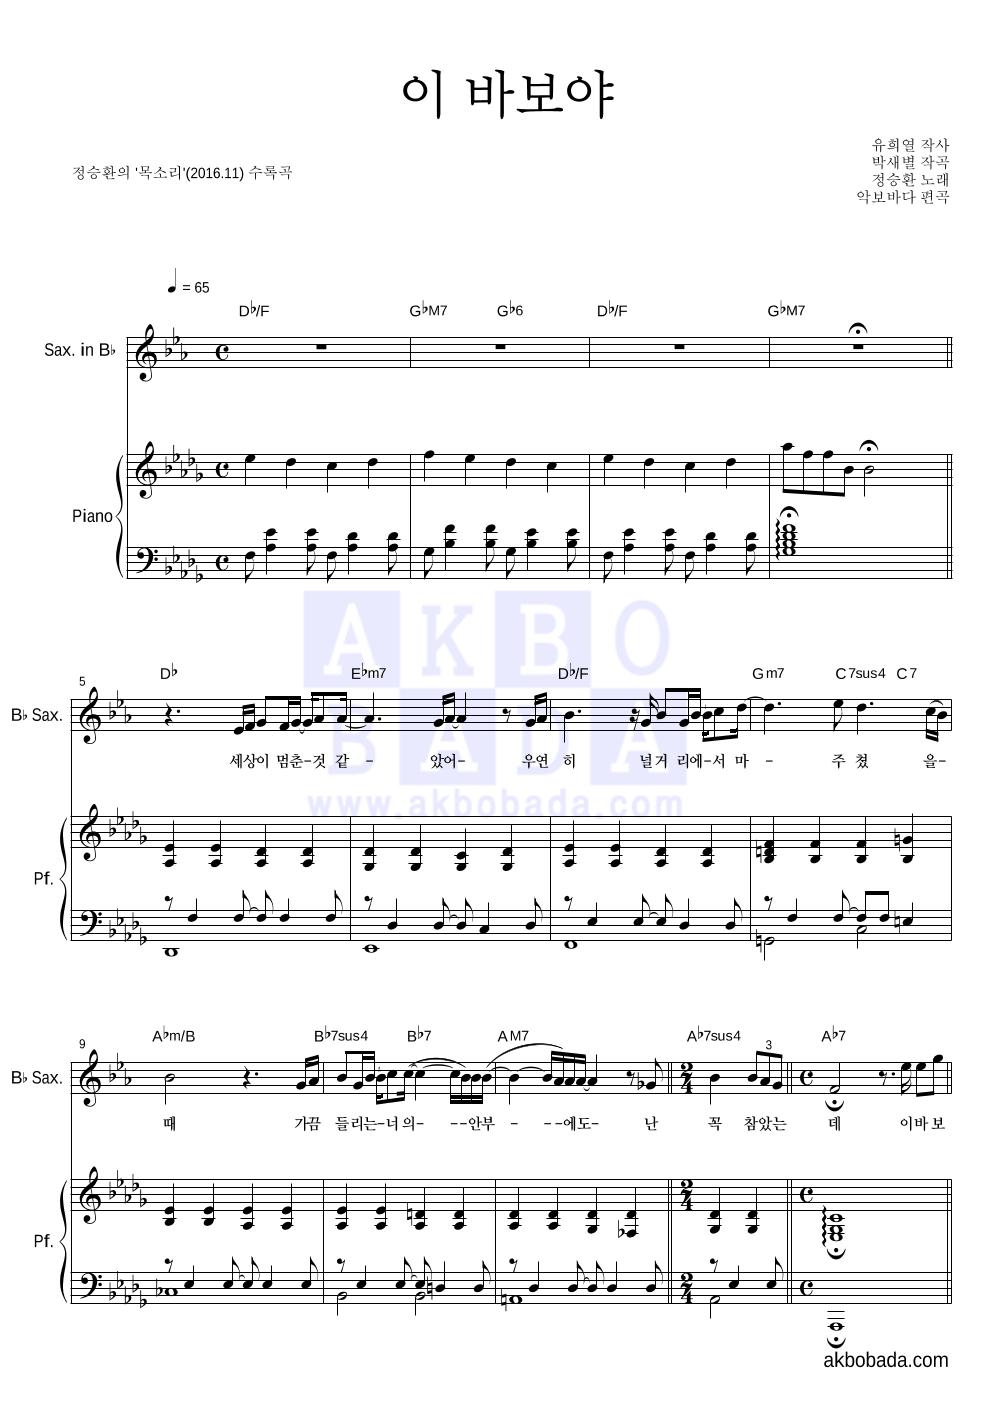 정승환 - 이 바보야 Bb색소폰&피아노 악보